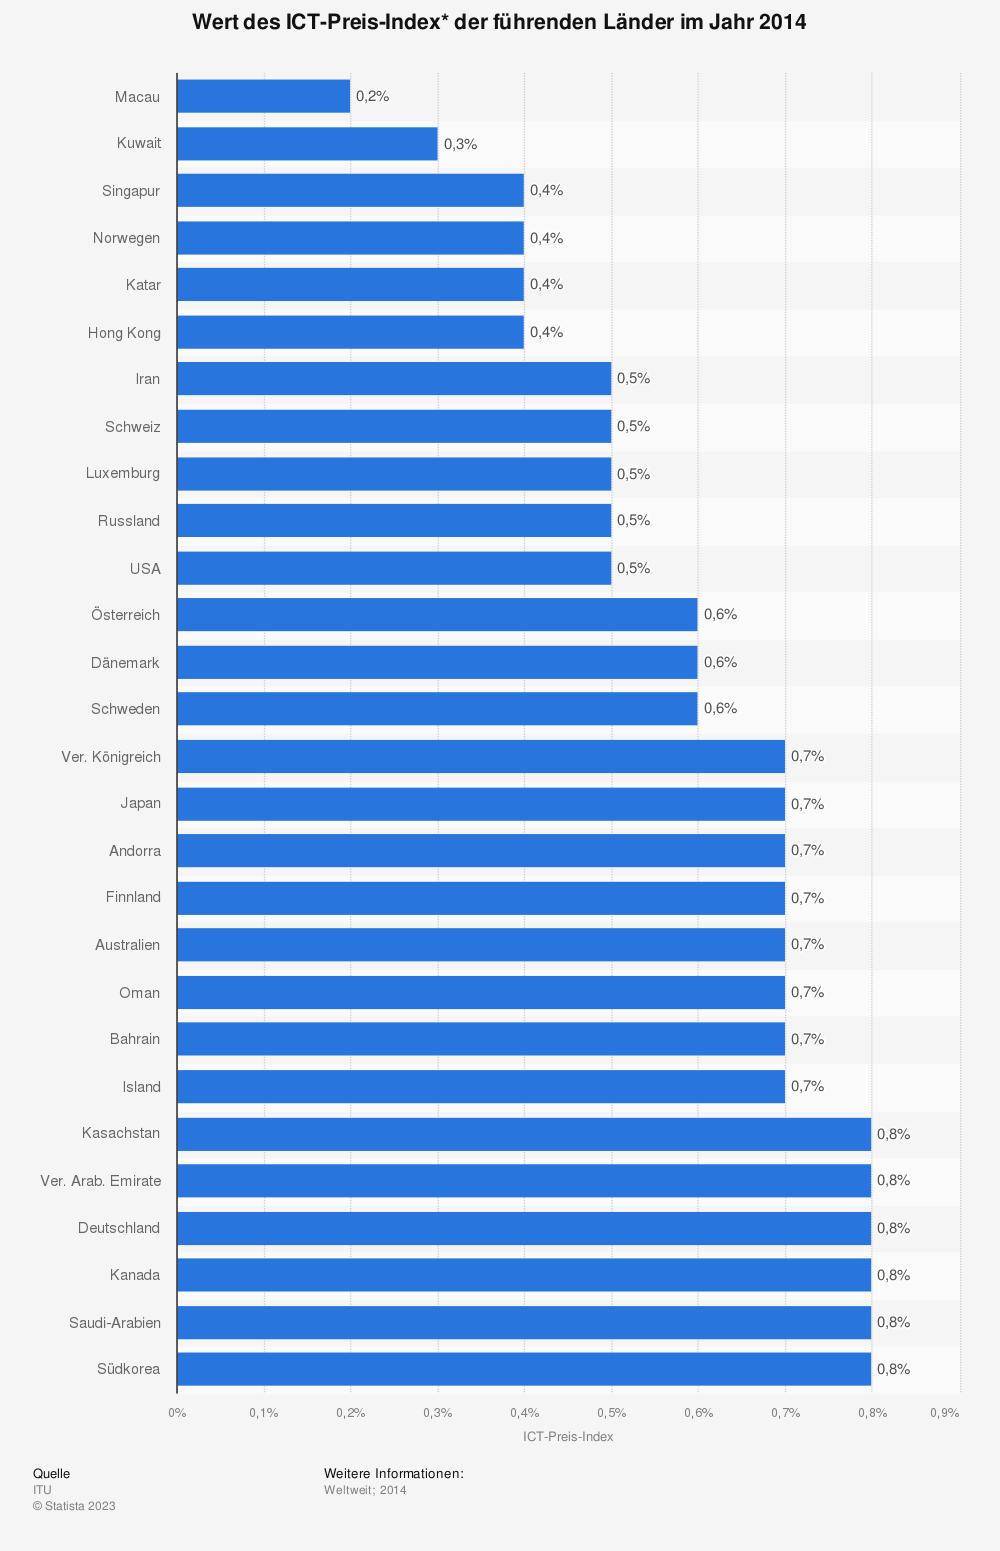 Statistik: Wert des ICT-Preis-Index* der führenden Länder im Jahr 2014 | Statista